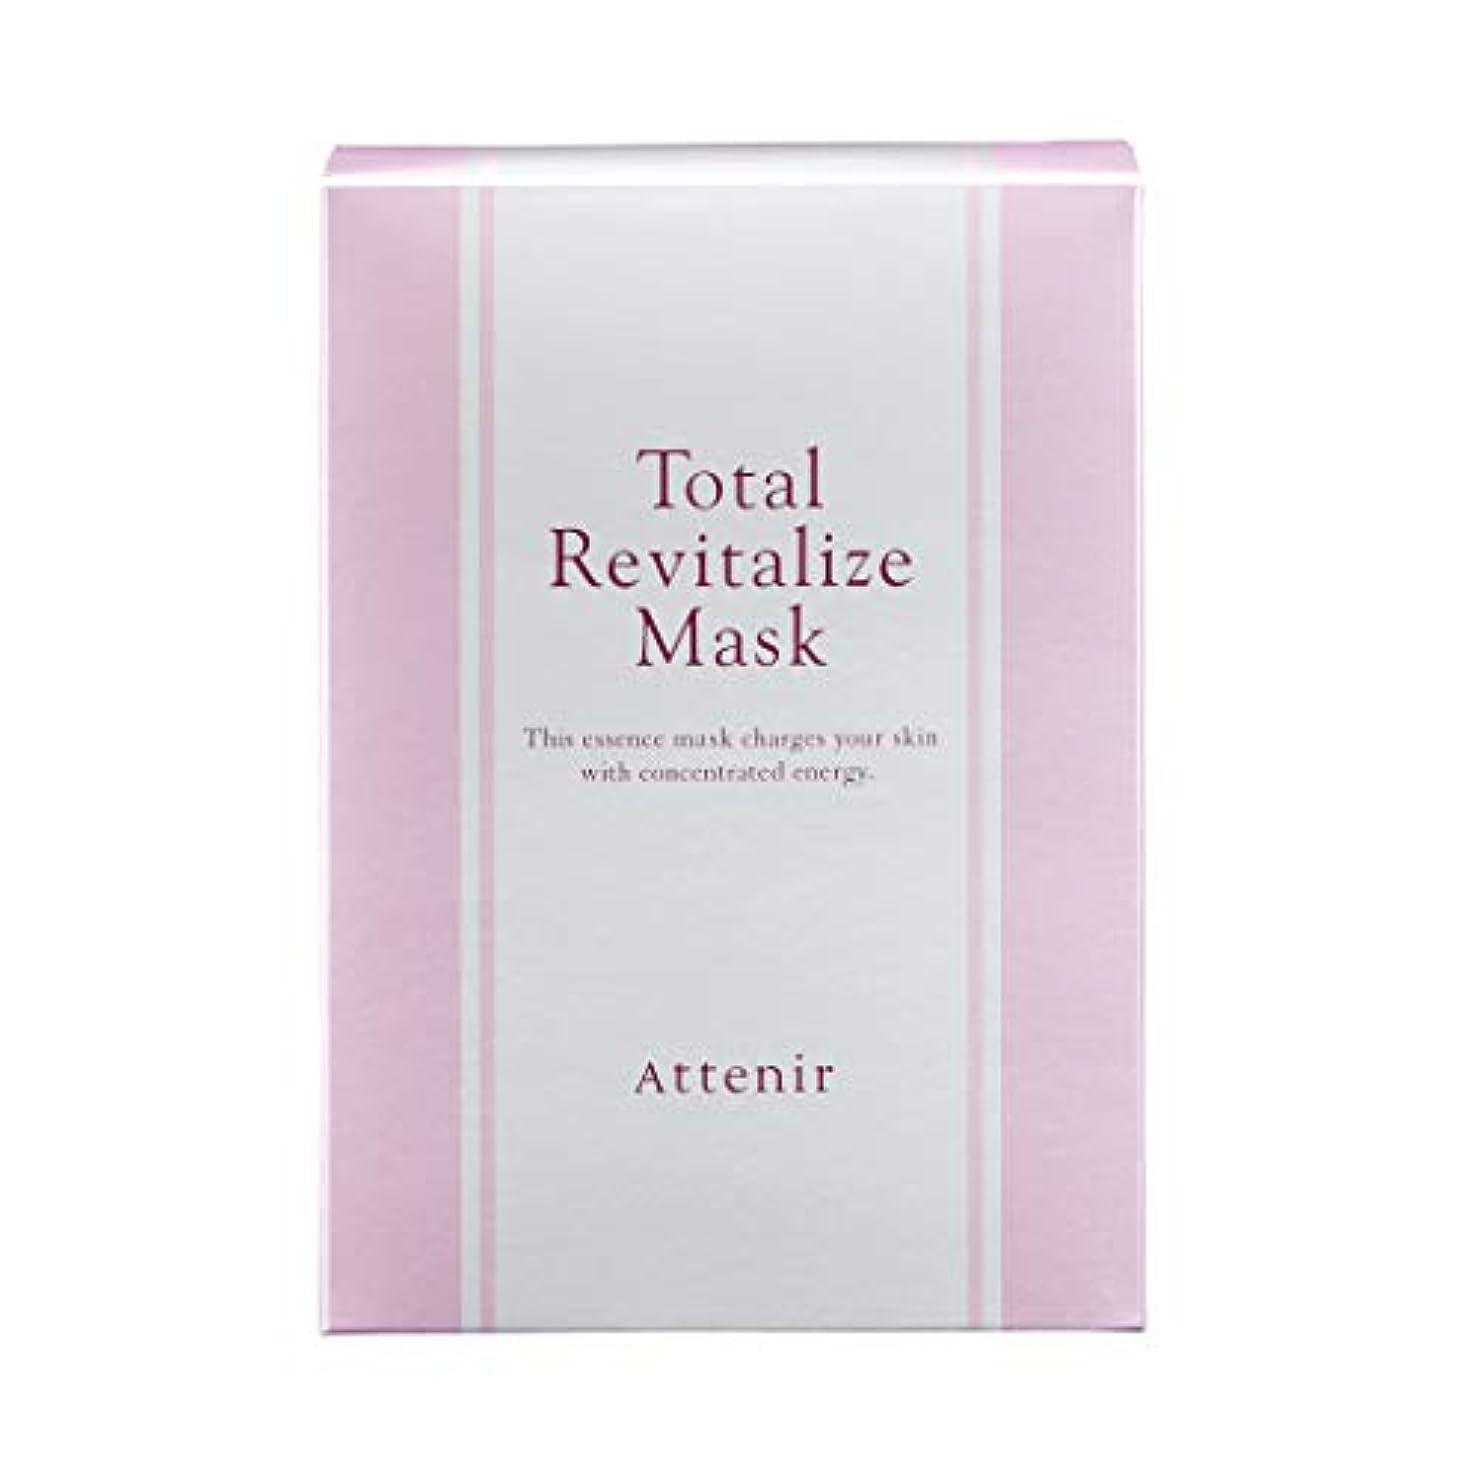 カロリー志す熱心なアテニア トータルリヴァイタライズ マスク肌疲労ケアシートマスク 全顔用 6包入り